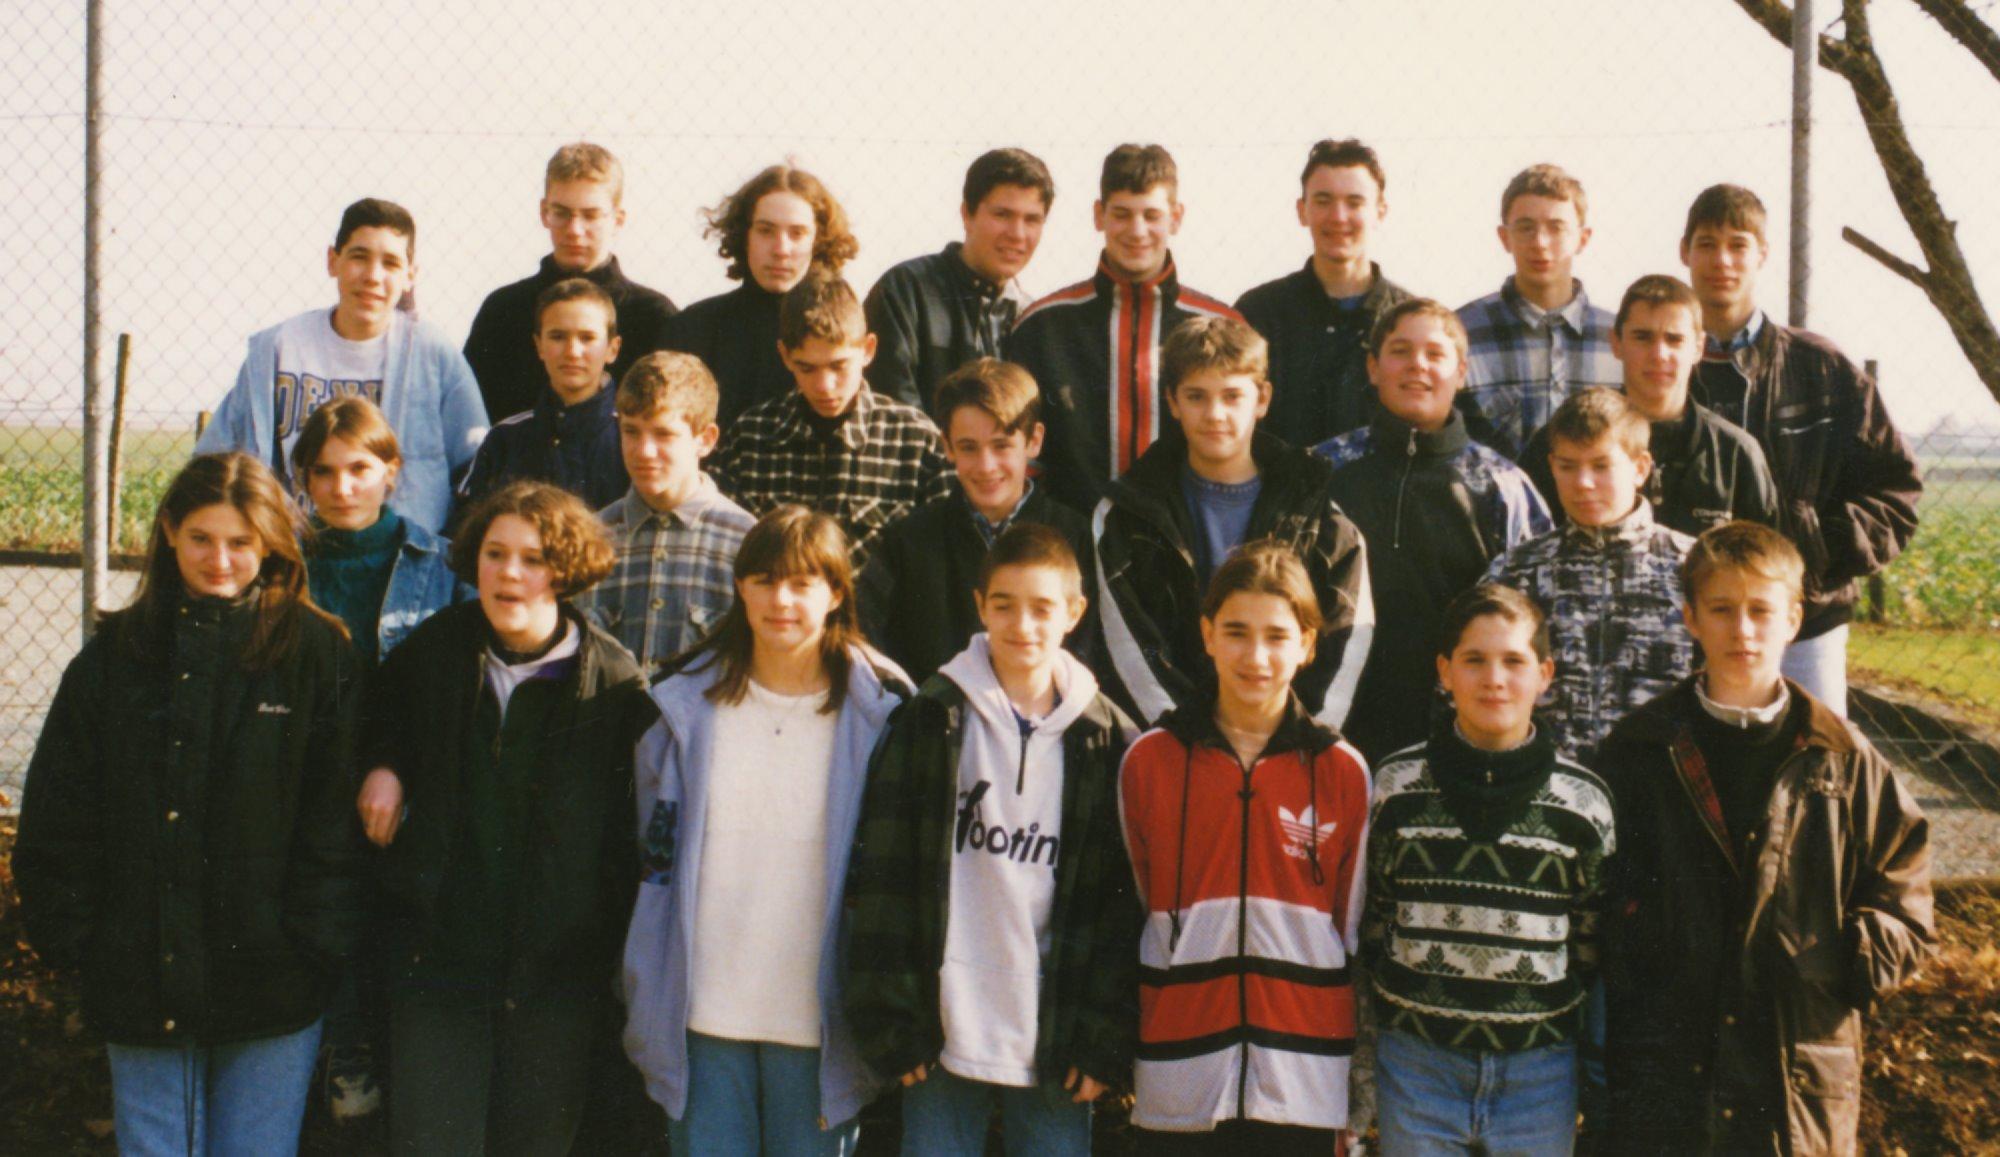 Archives anciens élèves mfr puy-sec 1996 1